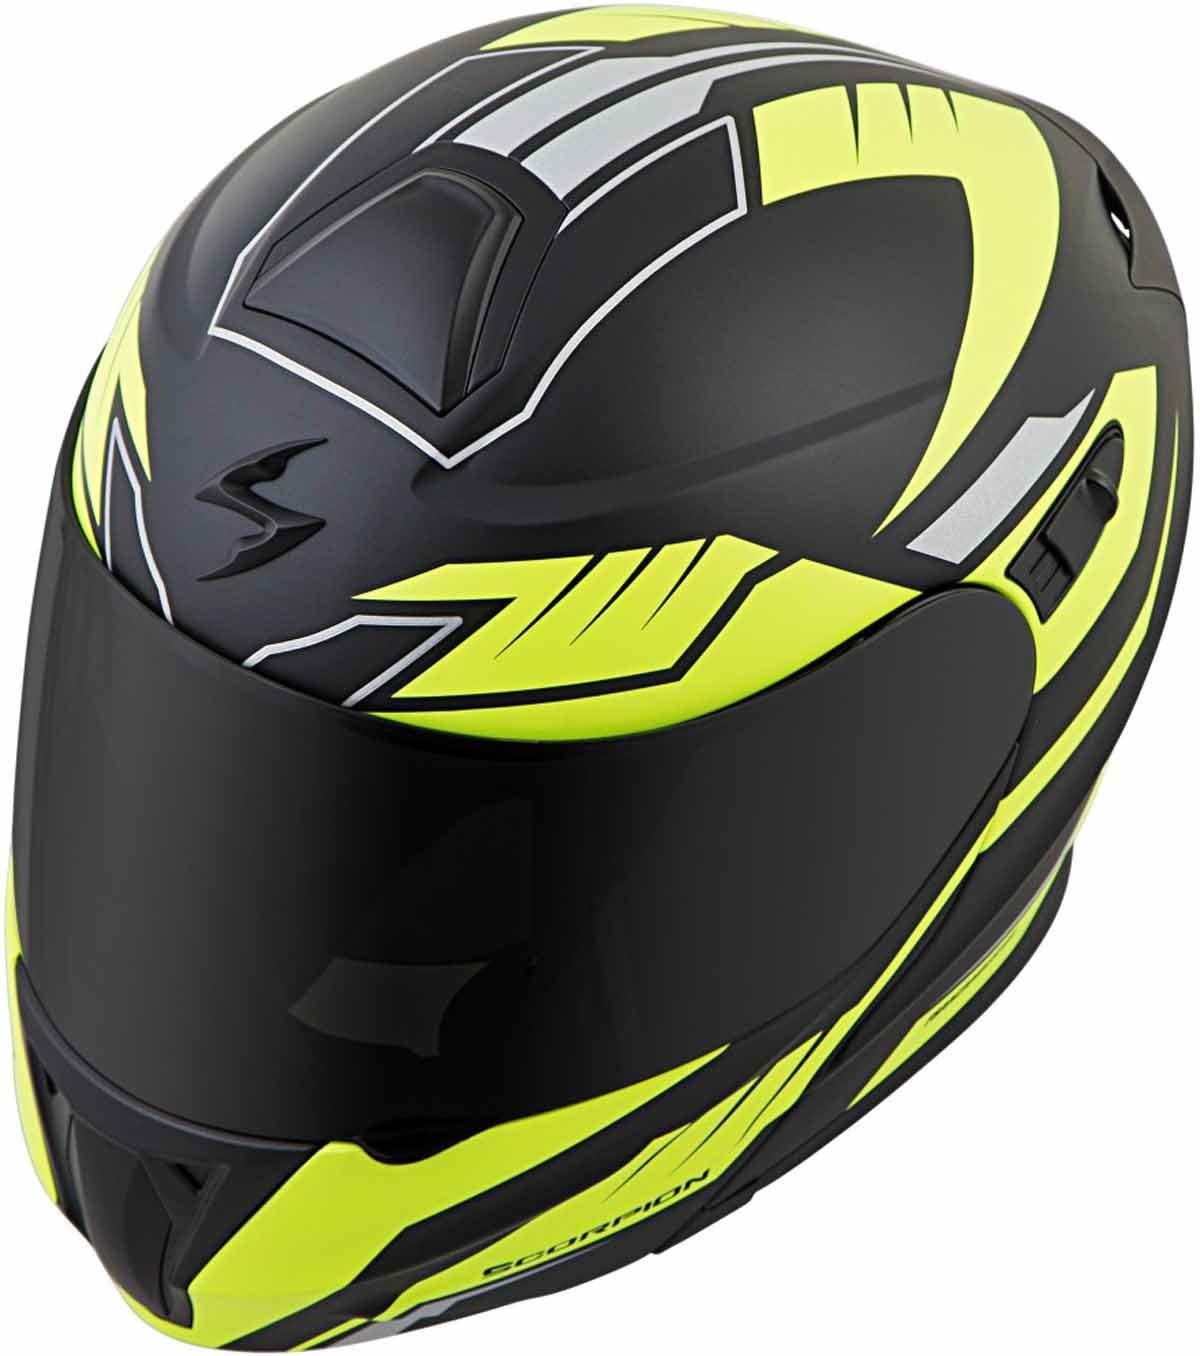 Scorpion-EXO-GT920-Helmet-Sport-Touring-Modular-Flip-Up-DOT-Approved-XS-3XL miniature 44